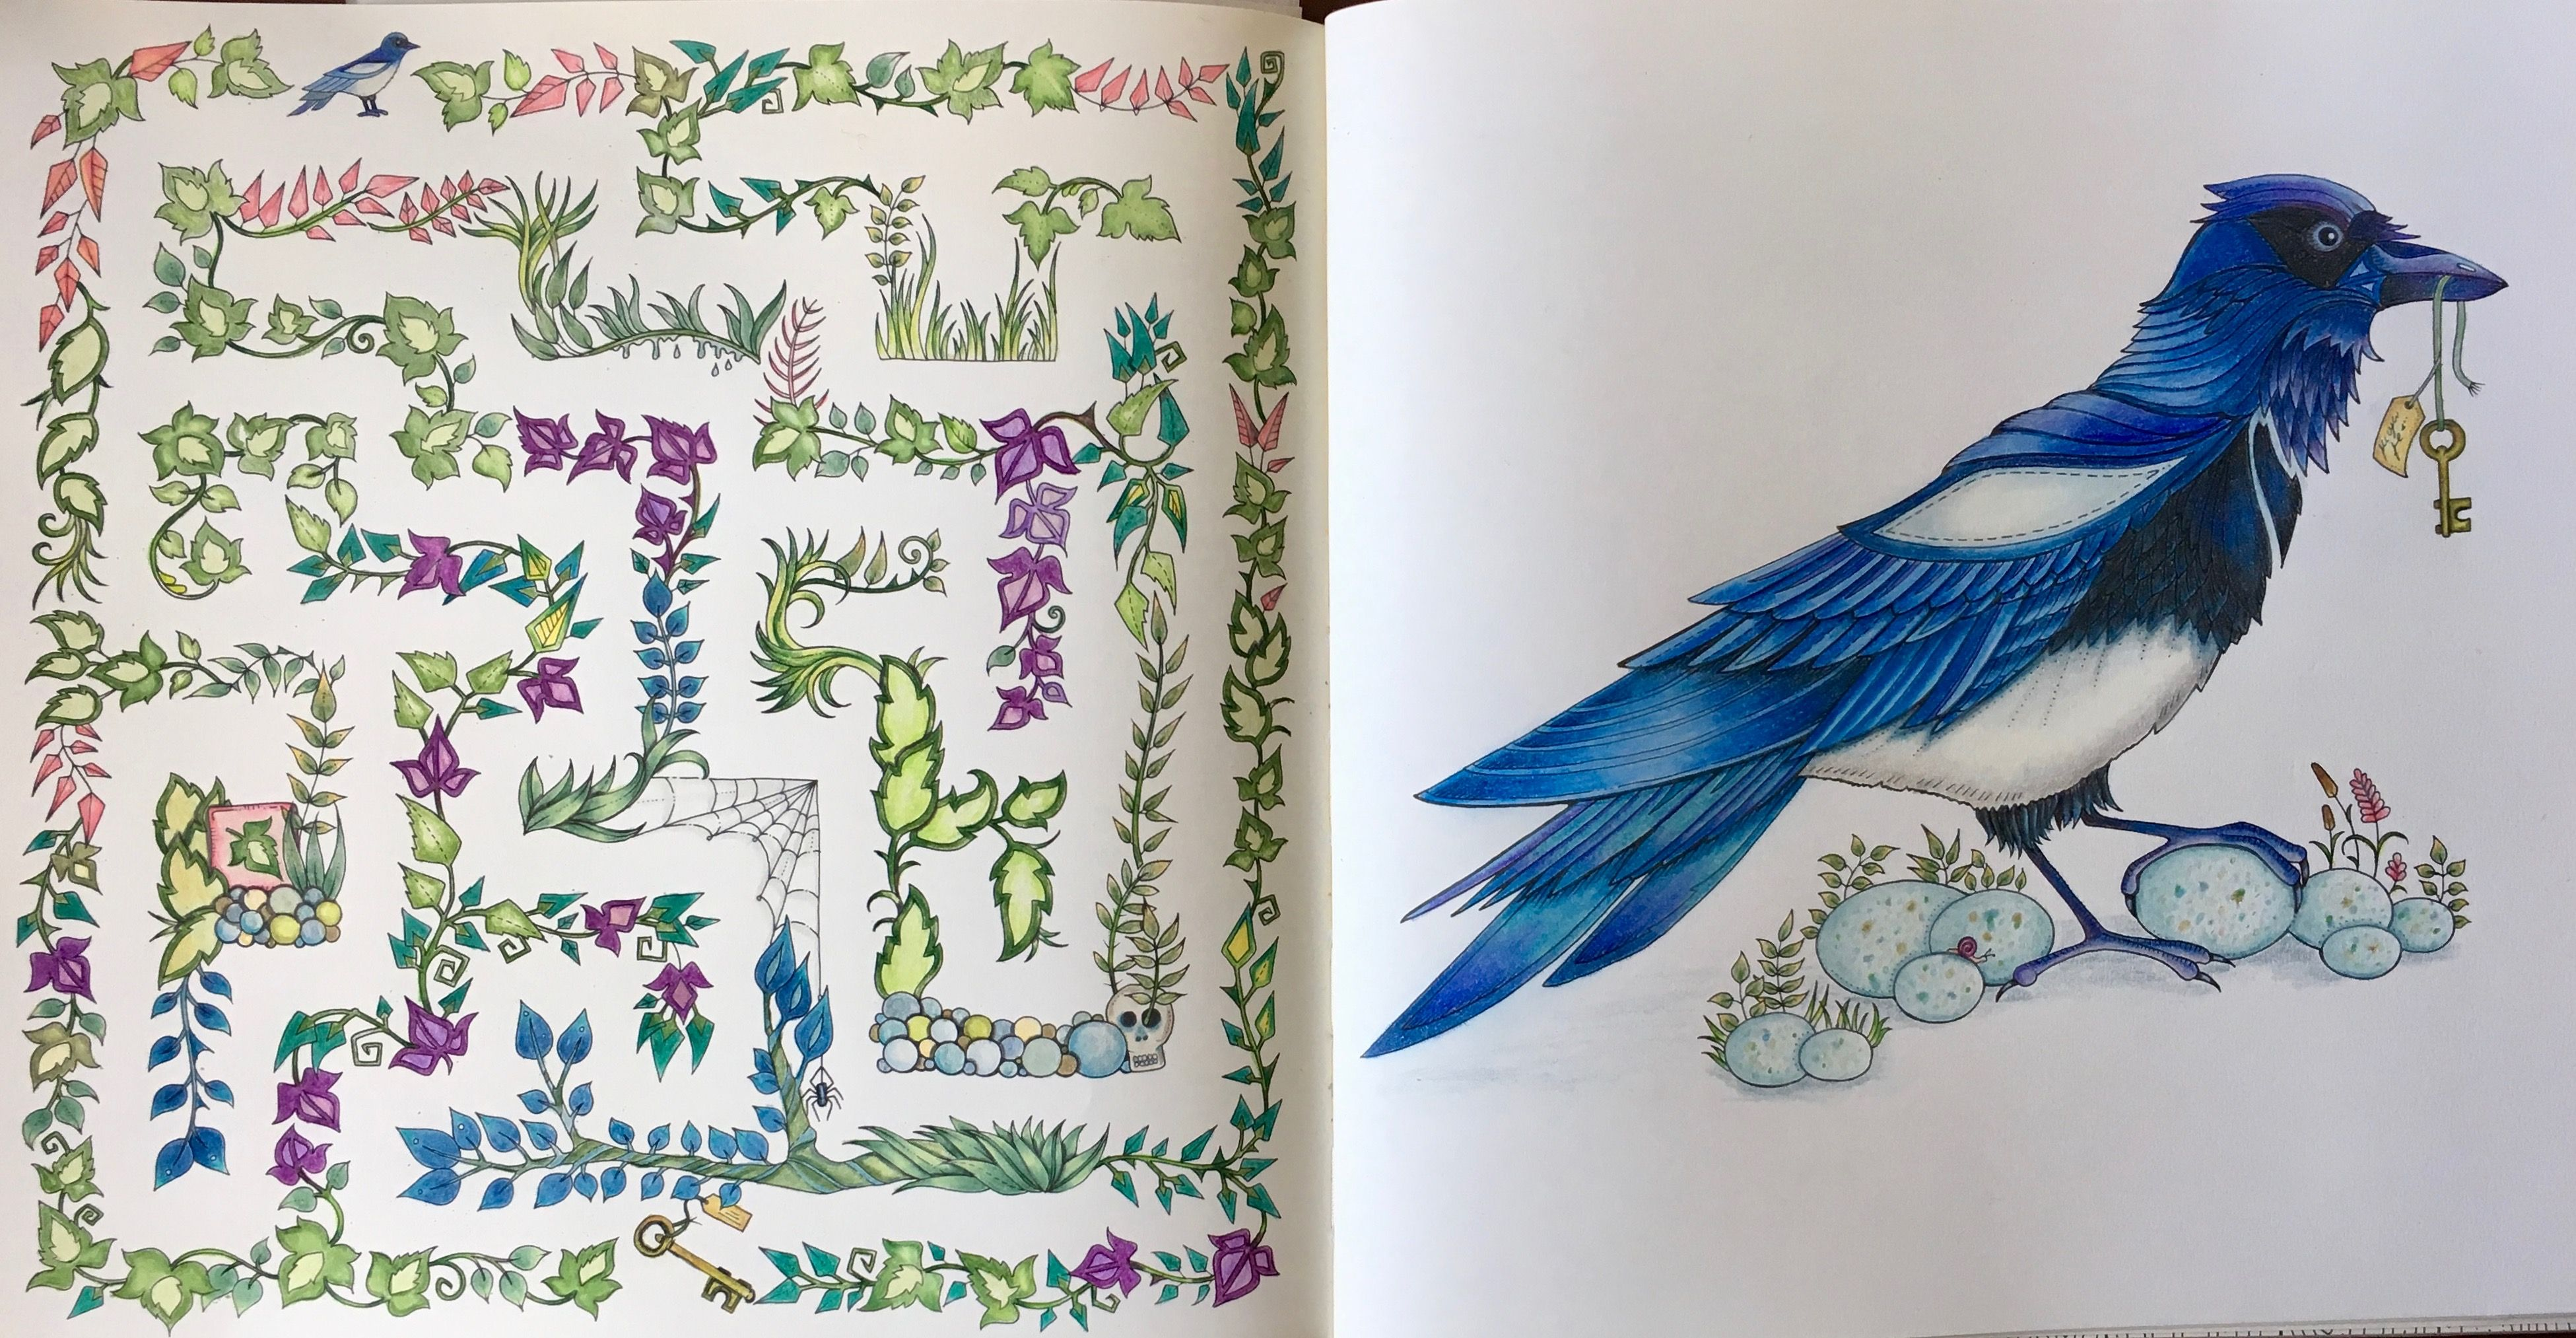 Johanna Basford Enchanted Forest Magpie Labyrinth Crow Pie Johannabasford Enchantedforest Polychromos Fabercast Polychromos Wenn Du Mal Buch Bucher